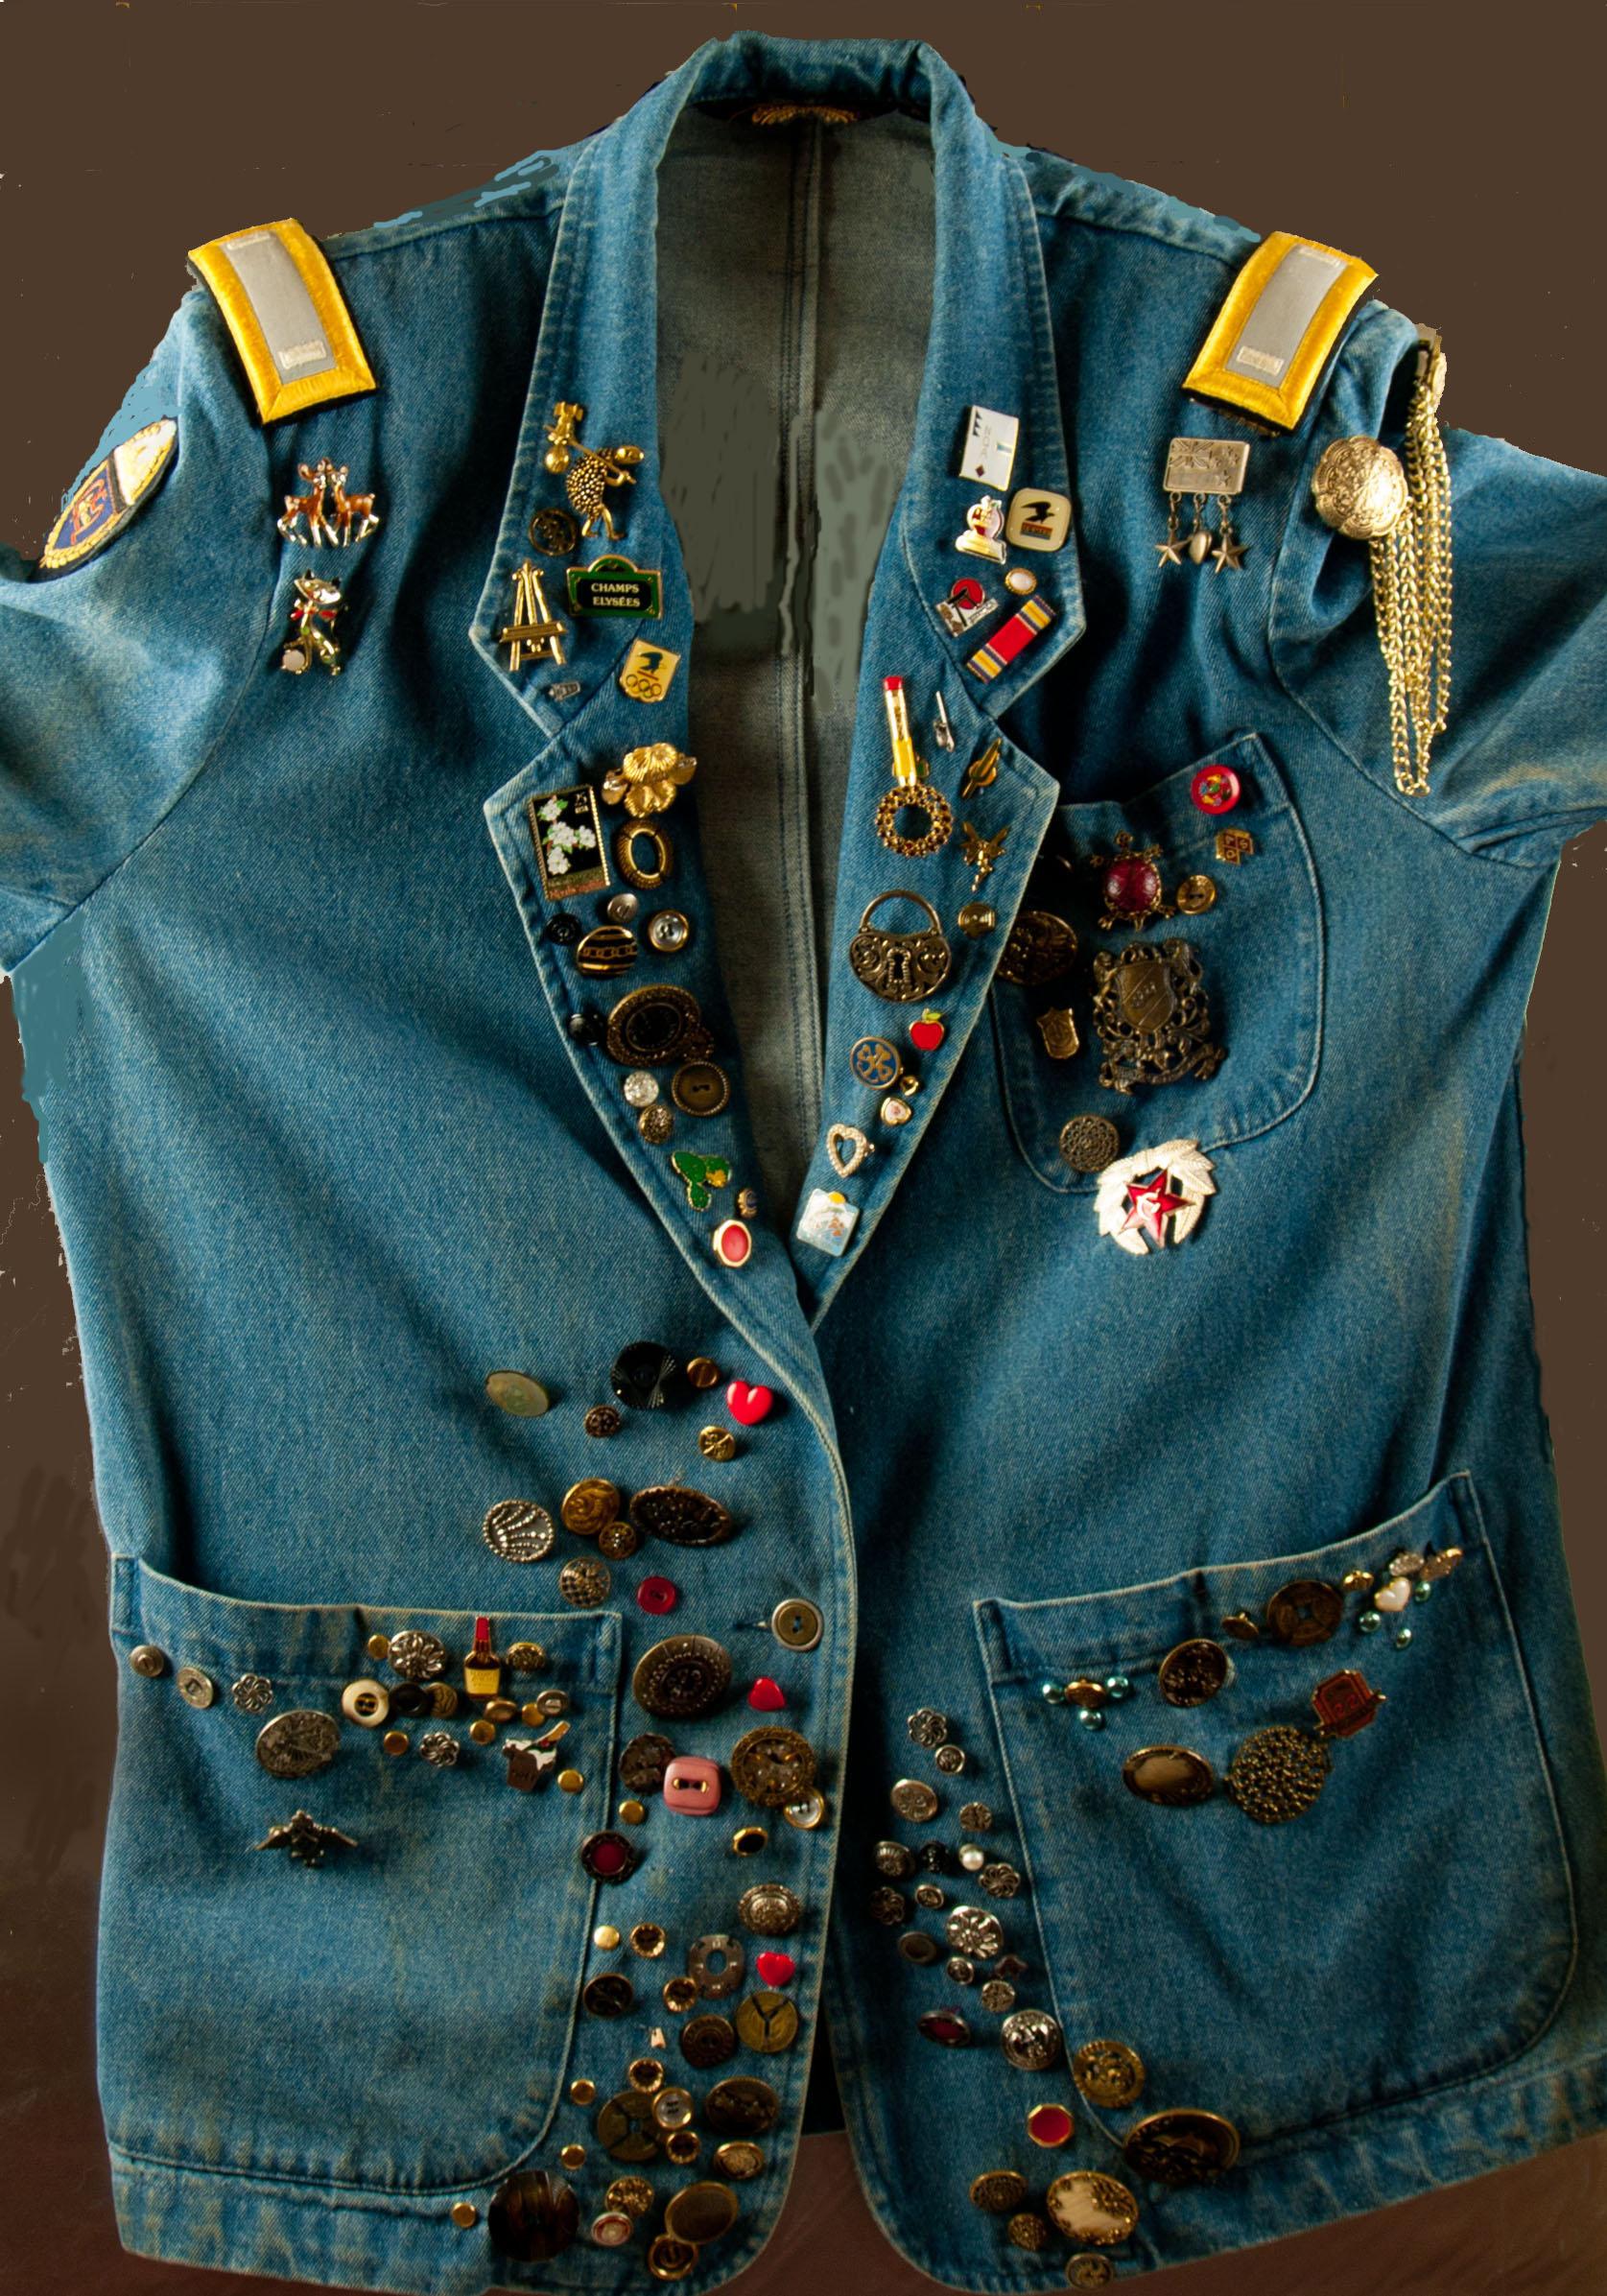 TM Womens Winter Casual Fleece Jacket Overcoat Coat Jacket Thicken Warm Cotton Deal